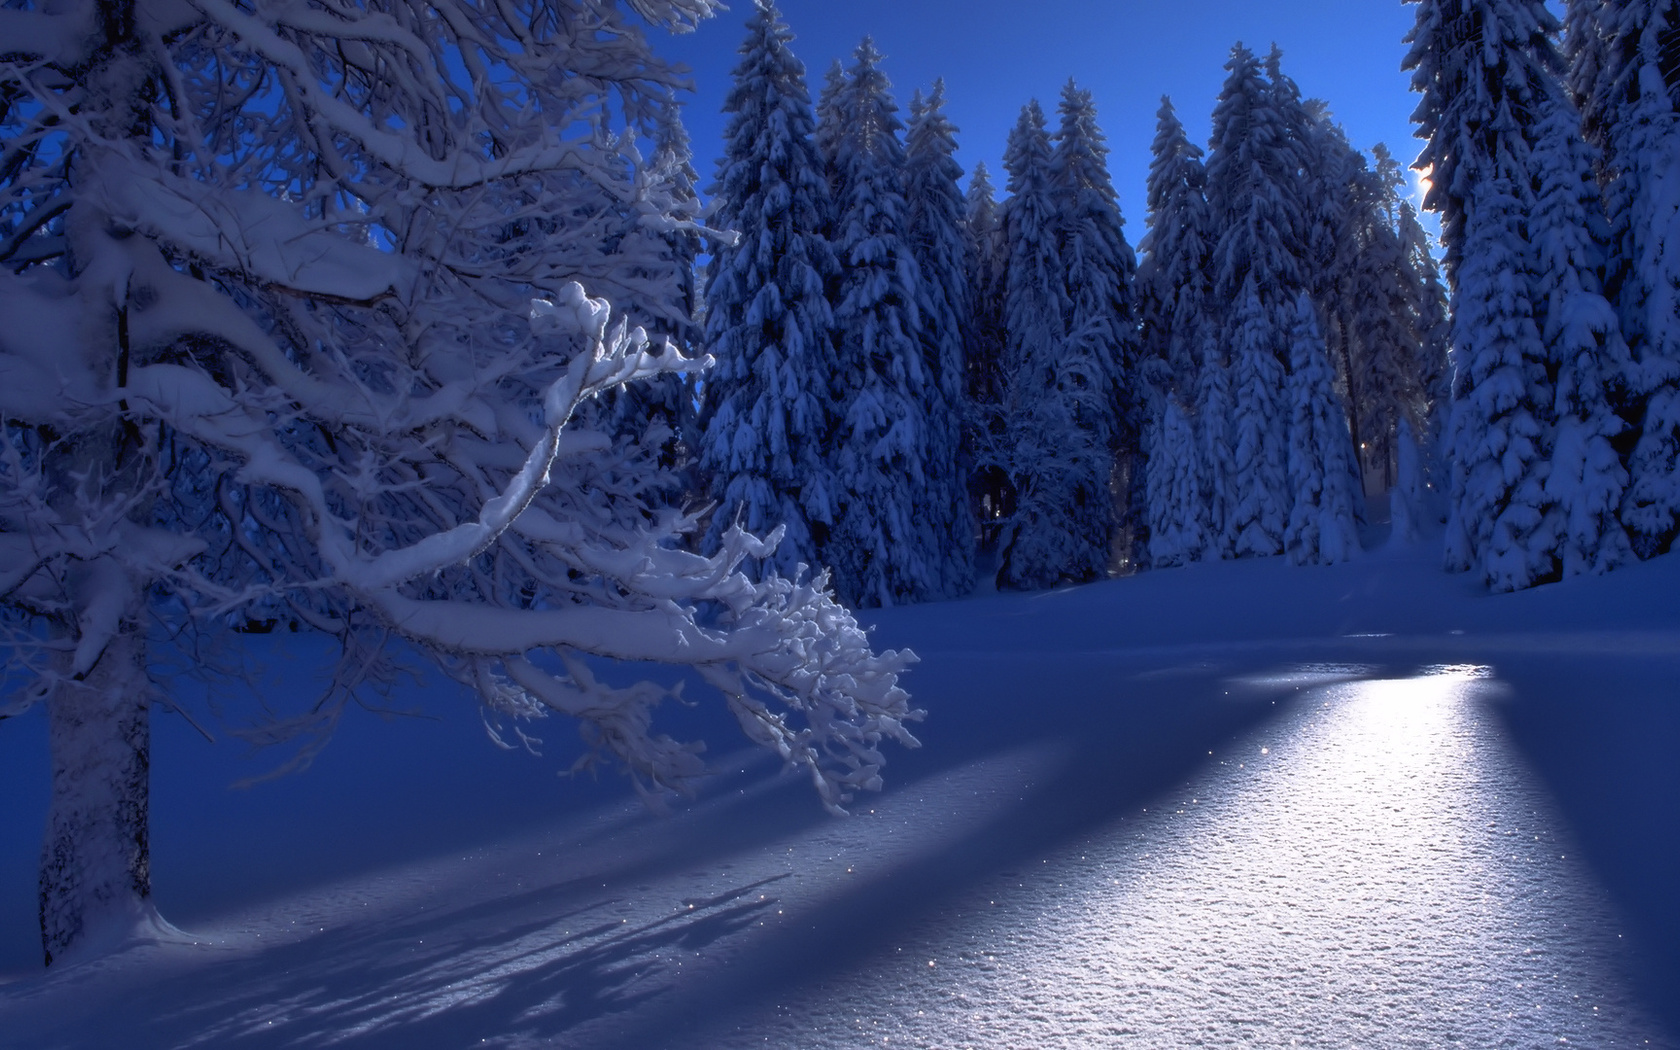 Картинка зимний лес анимация, юбилеем женщине розы